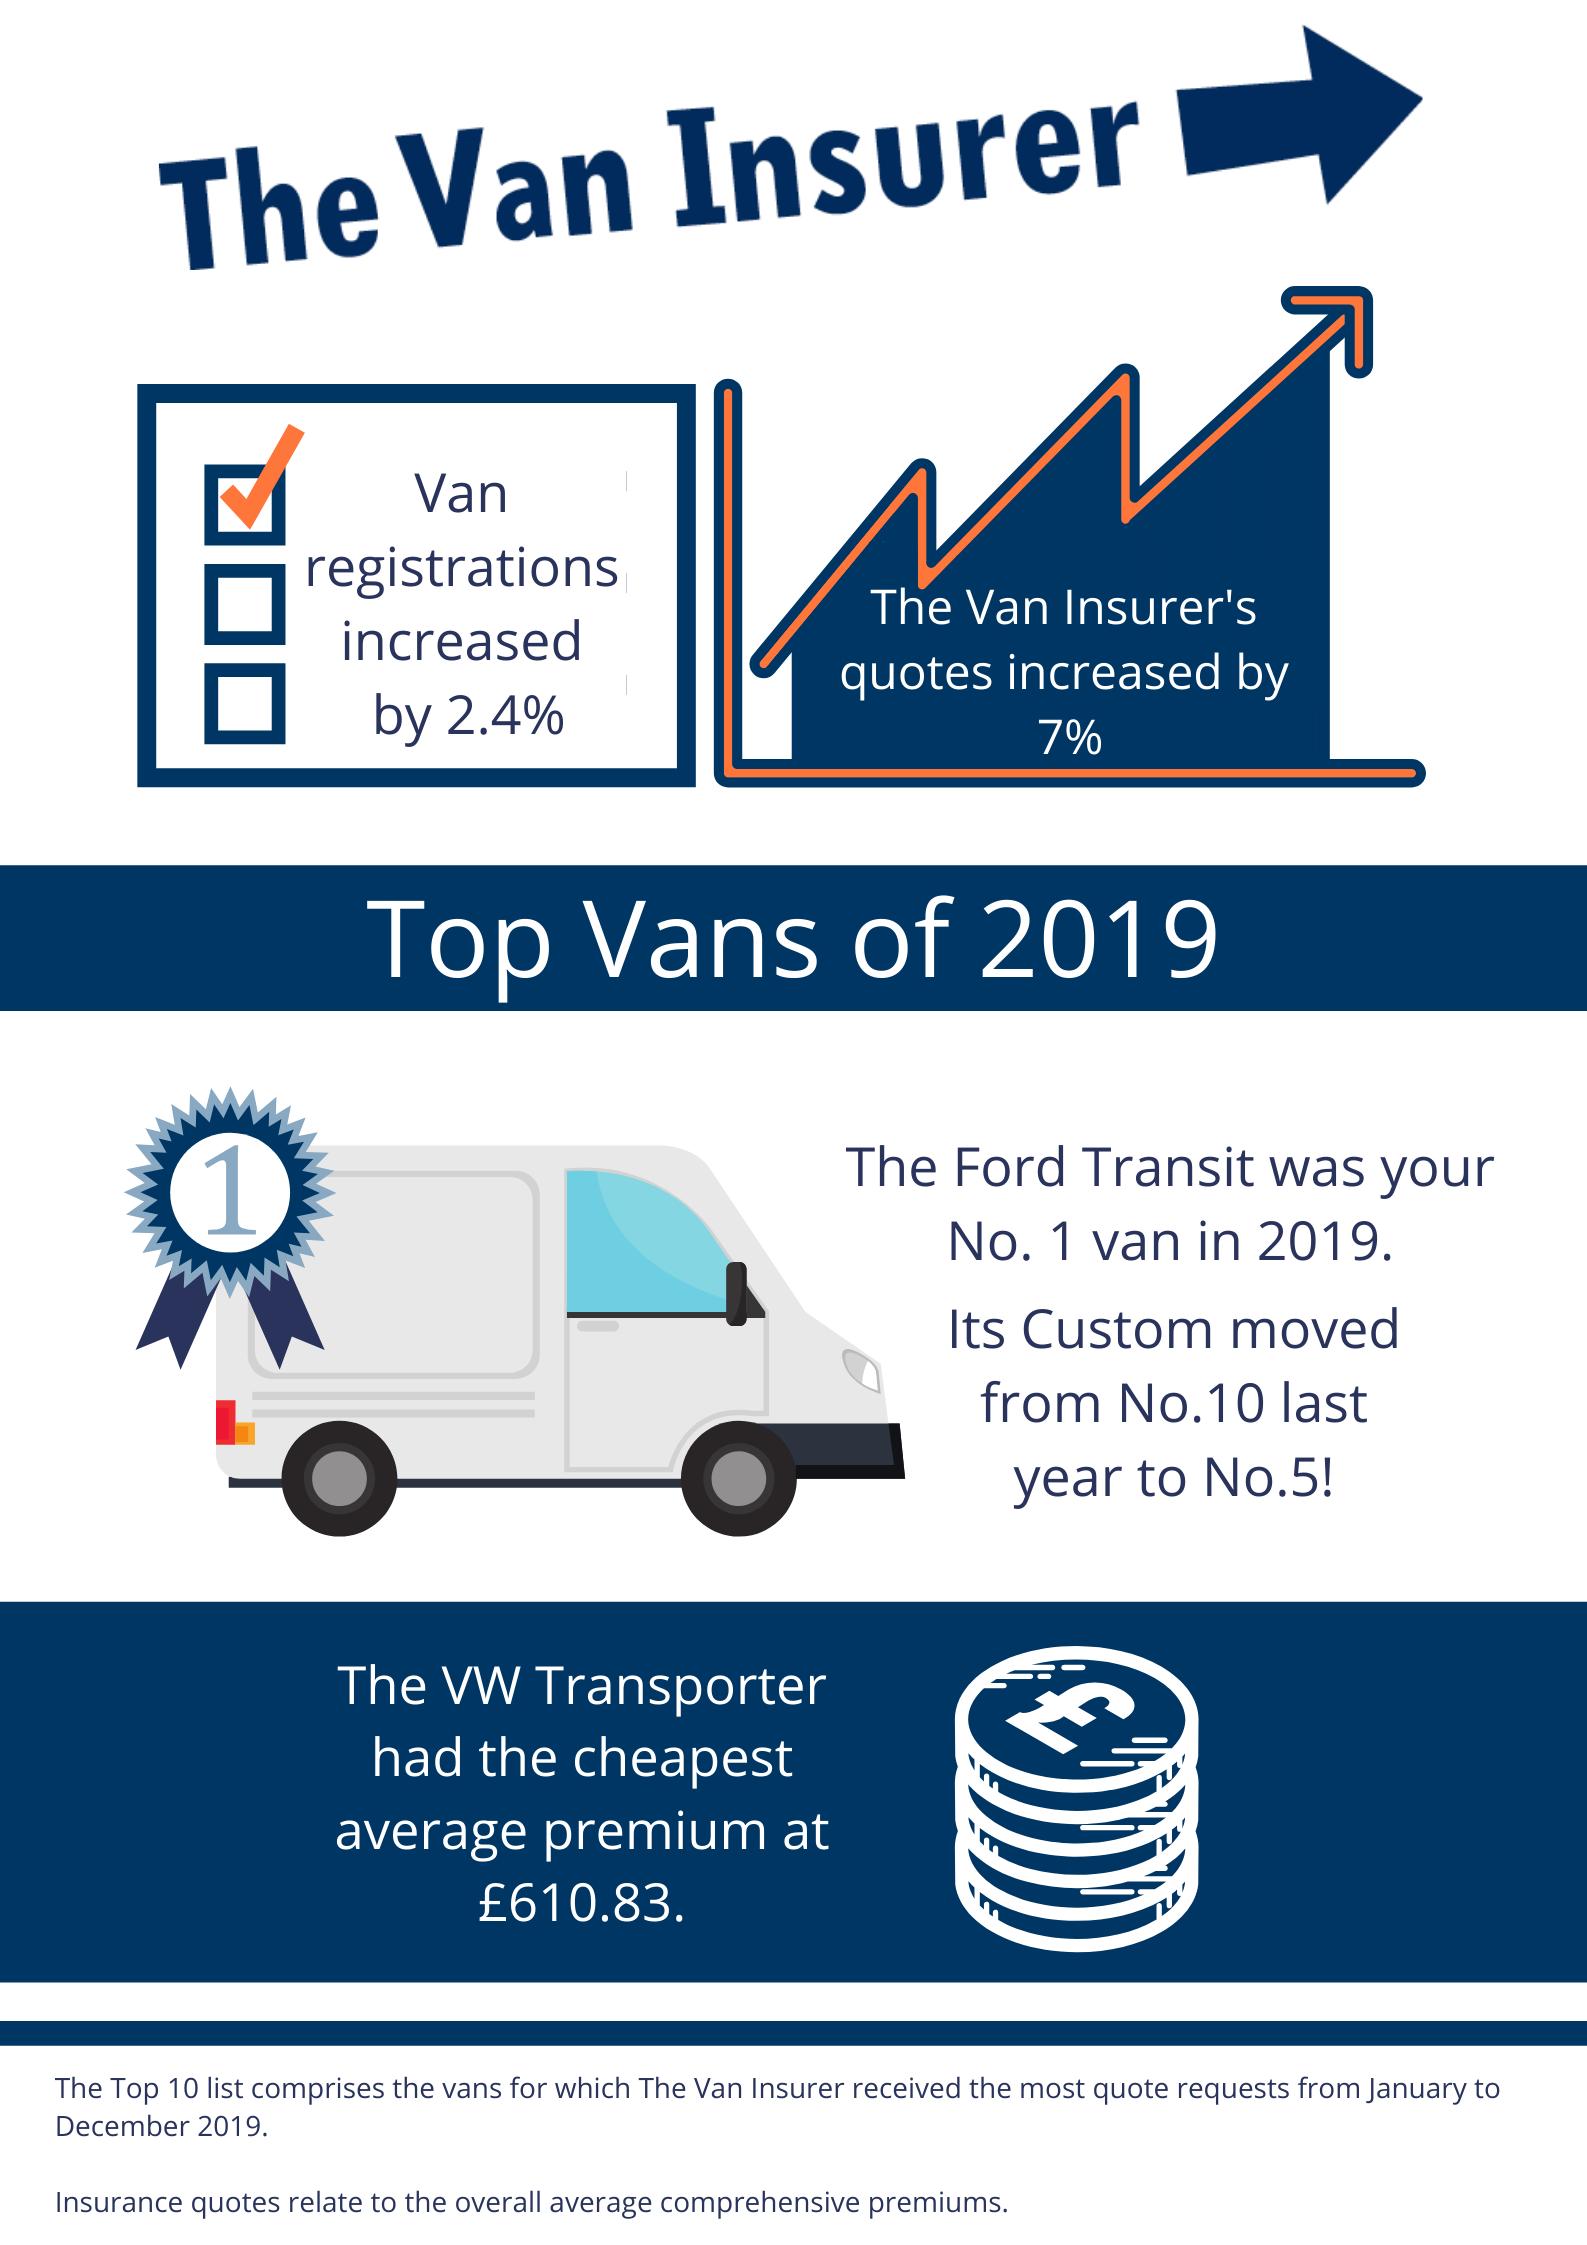 Top Vans 2019 Infographic